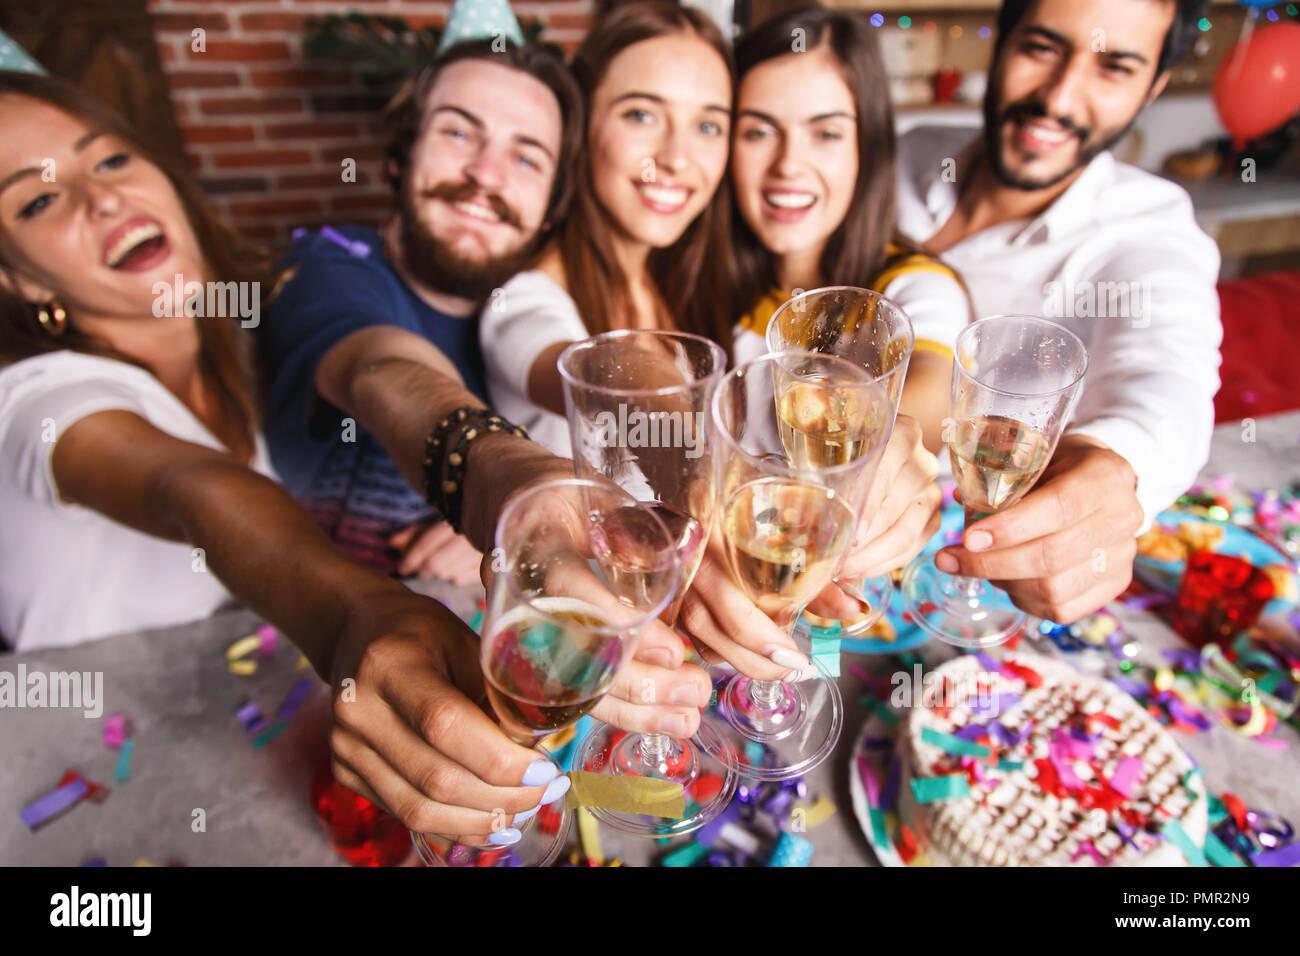 Attraente multiculturale di migliori amici ridendo e sollevando i bicchieri con lo champagne, essi celebrare la festa di compleanno Immagini Stock